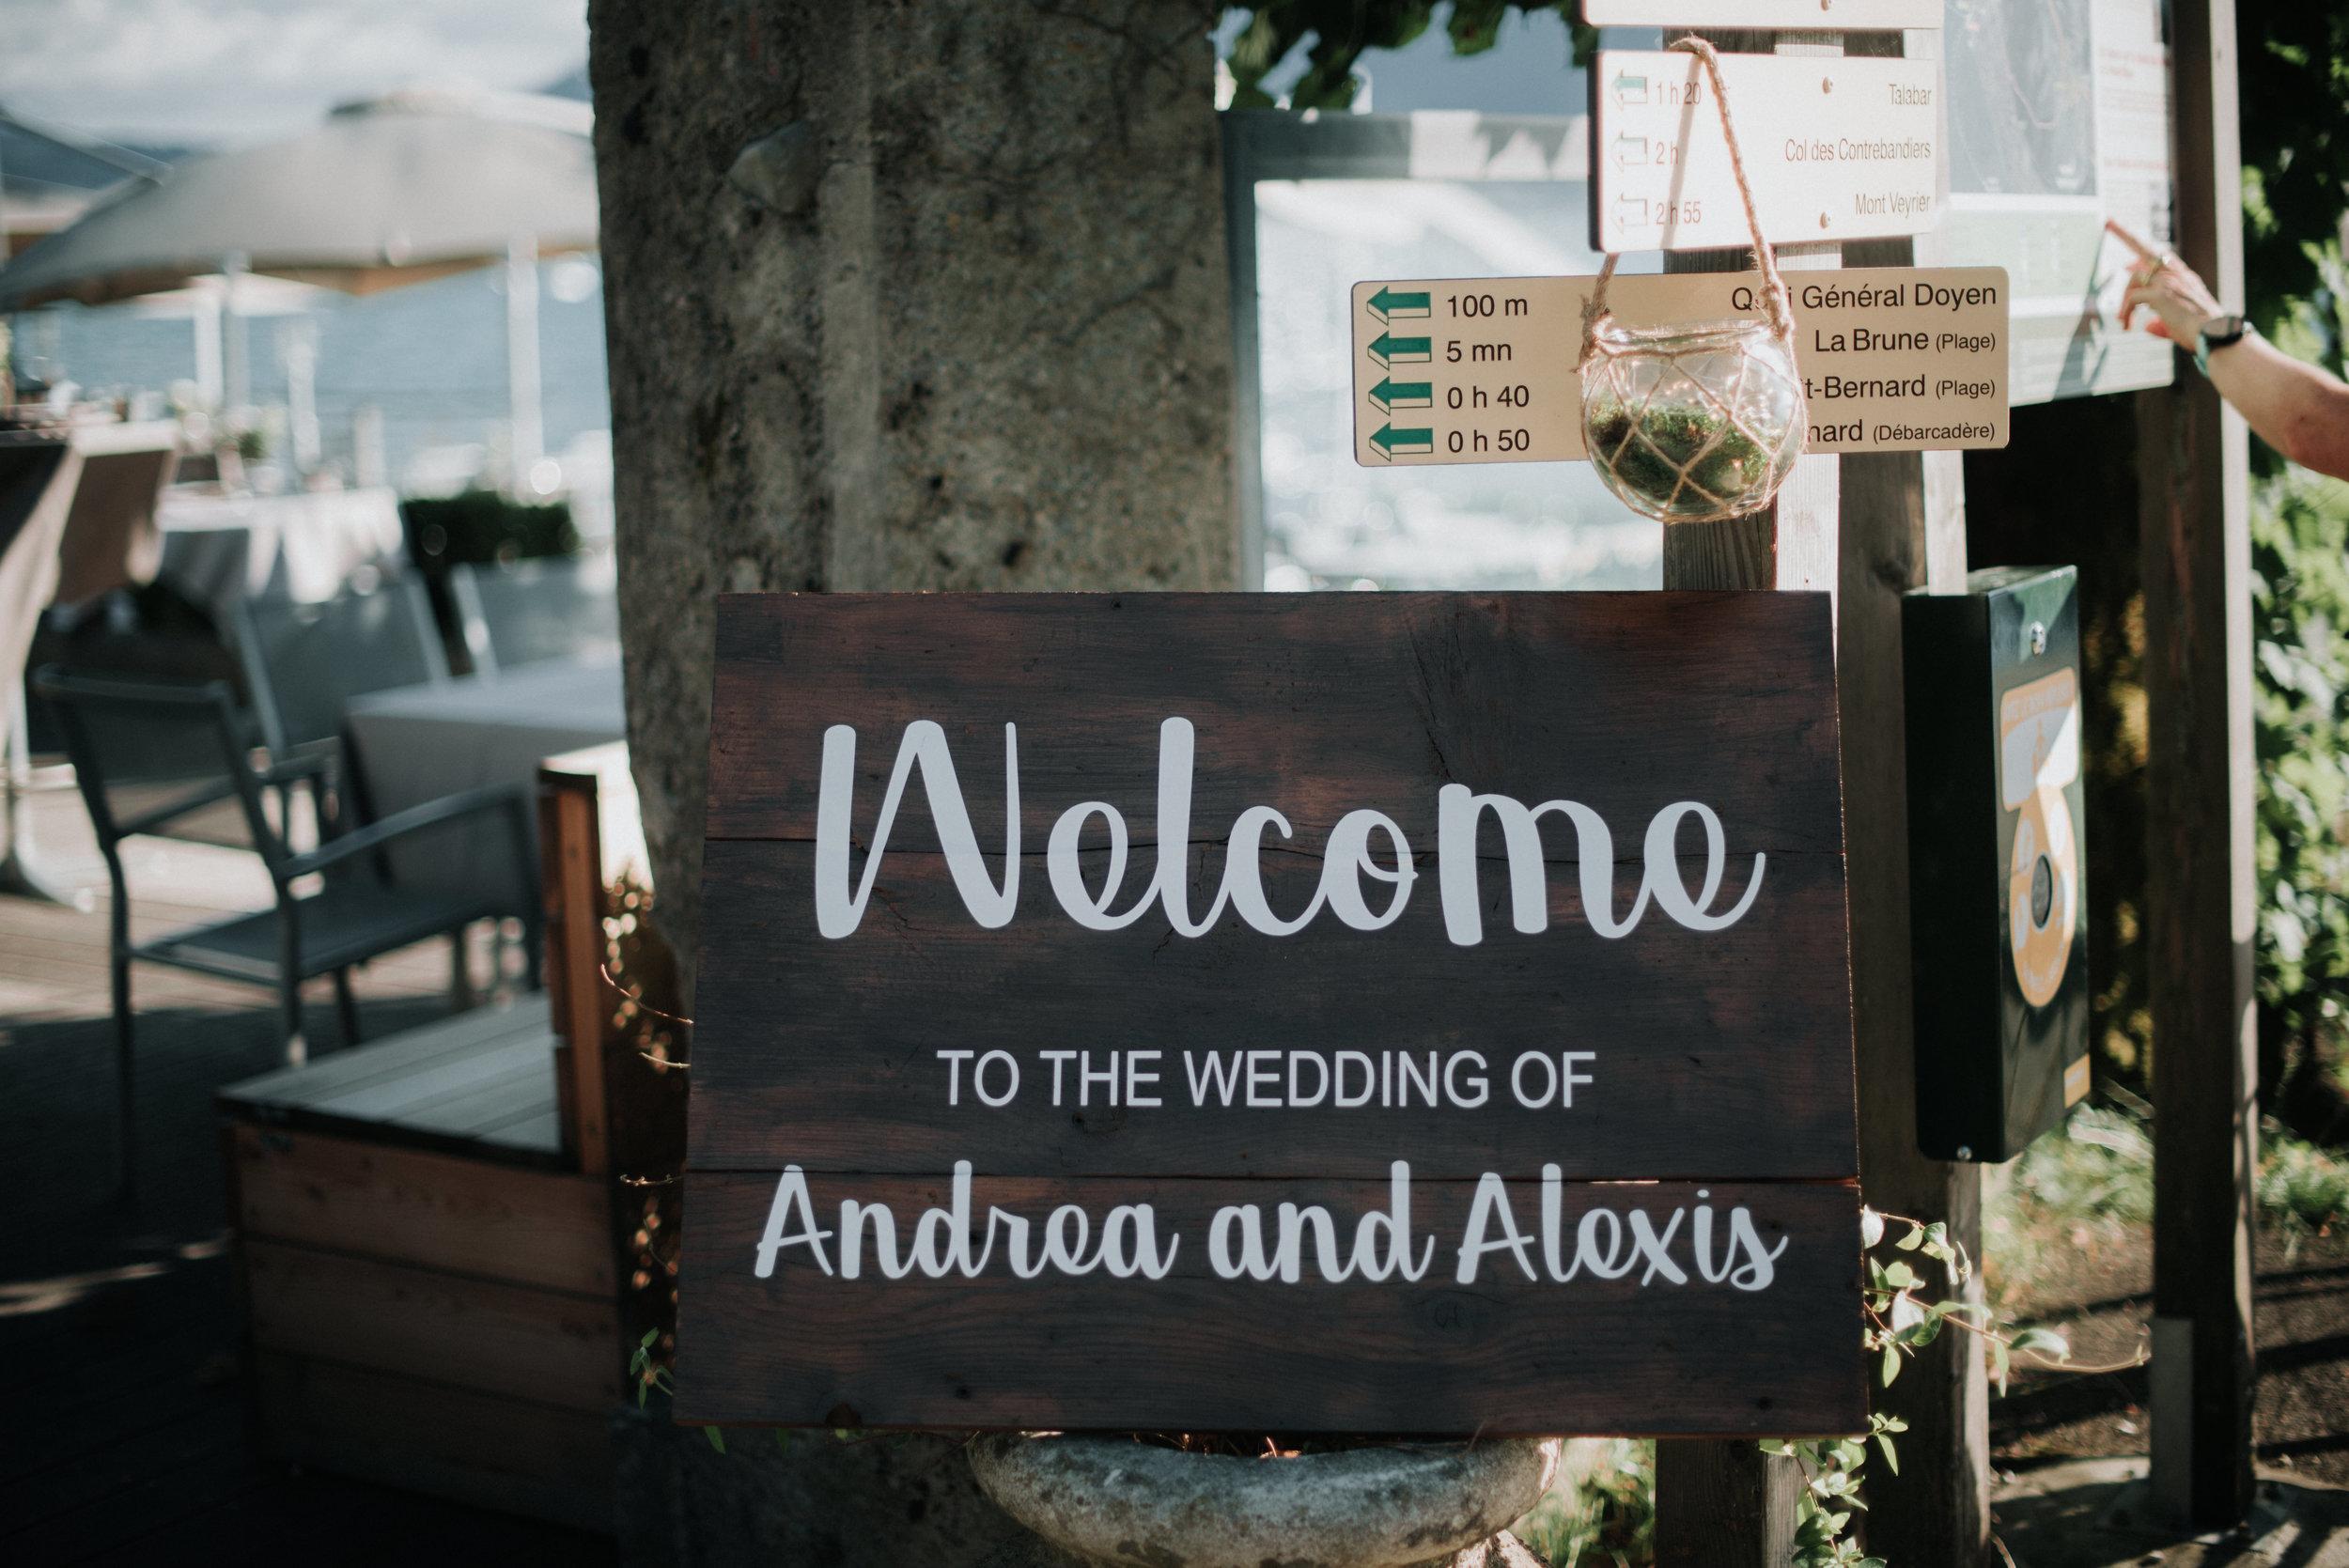 Léa-Fery-photographe-professionnel-lyon-rhone-alpes-portrait-creation-mariage-evenement-evenementiel-famille-8983.jpg